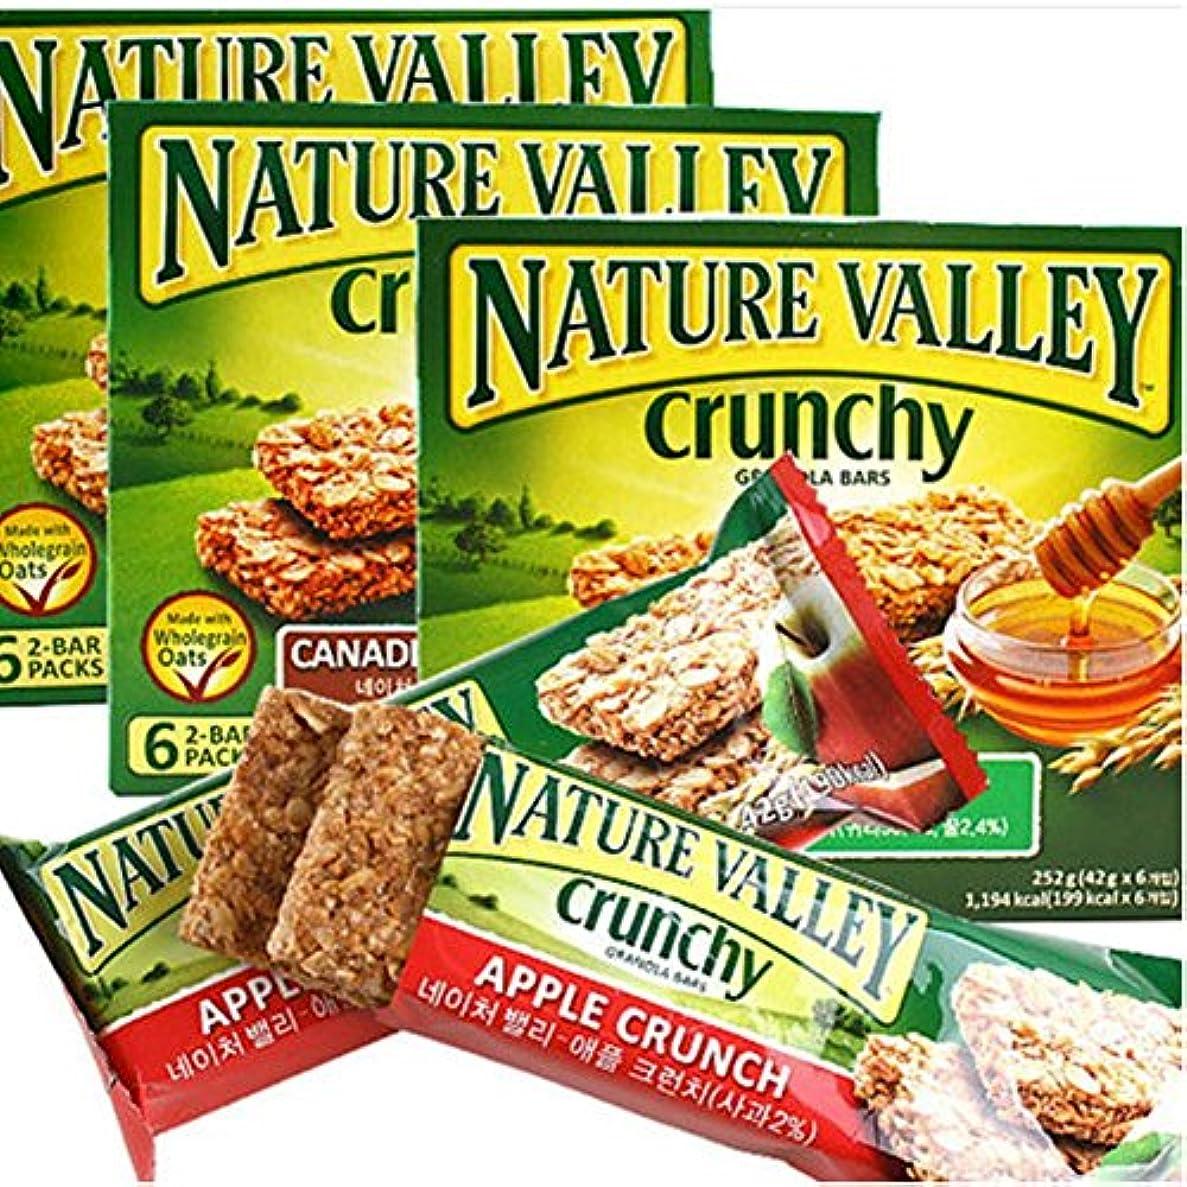 ゆるくジャーナルハイランド[ネイチャーバレー/Nature Valley] CANADIAN MAPLE SYRUP/ネイチャーバレークランチグラノーラバー42g5パックx3 Box - メープルシロップ(合計15袋)穀物バー/シリアル/栄養のバー...